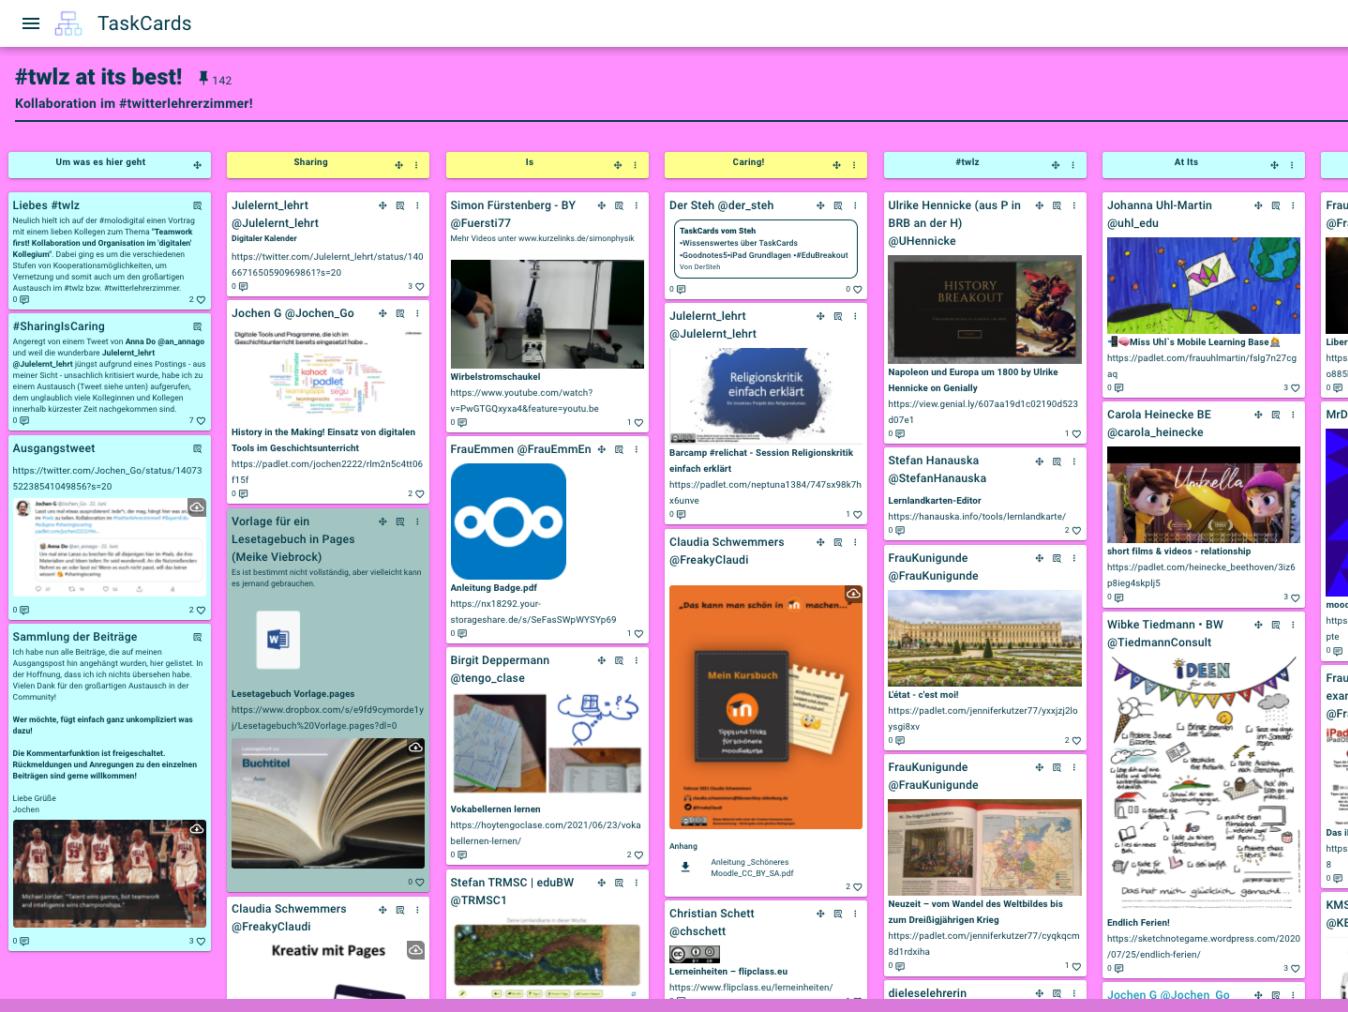 TaskCards Sammlung des #twlz